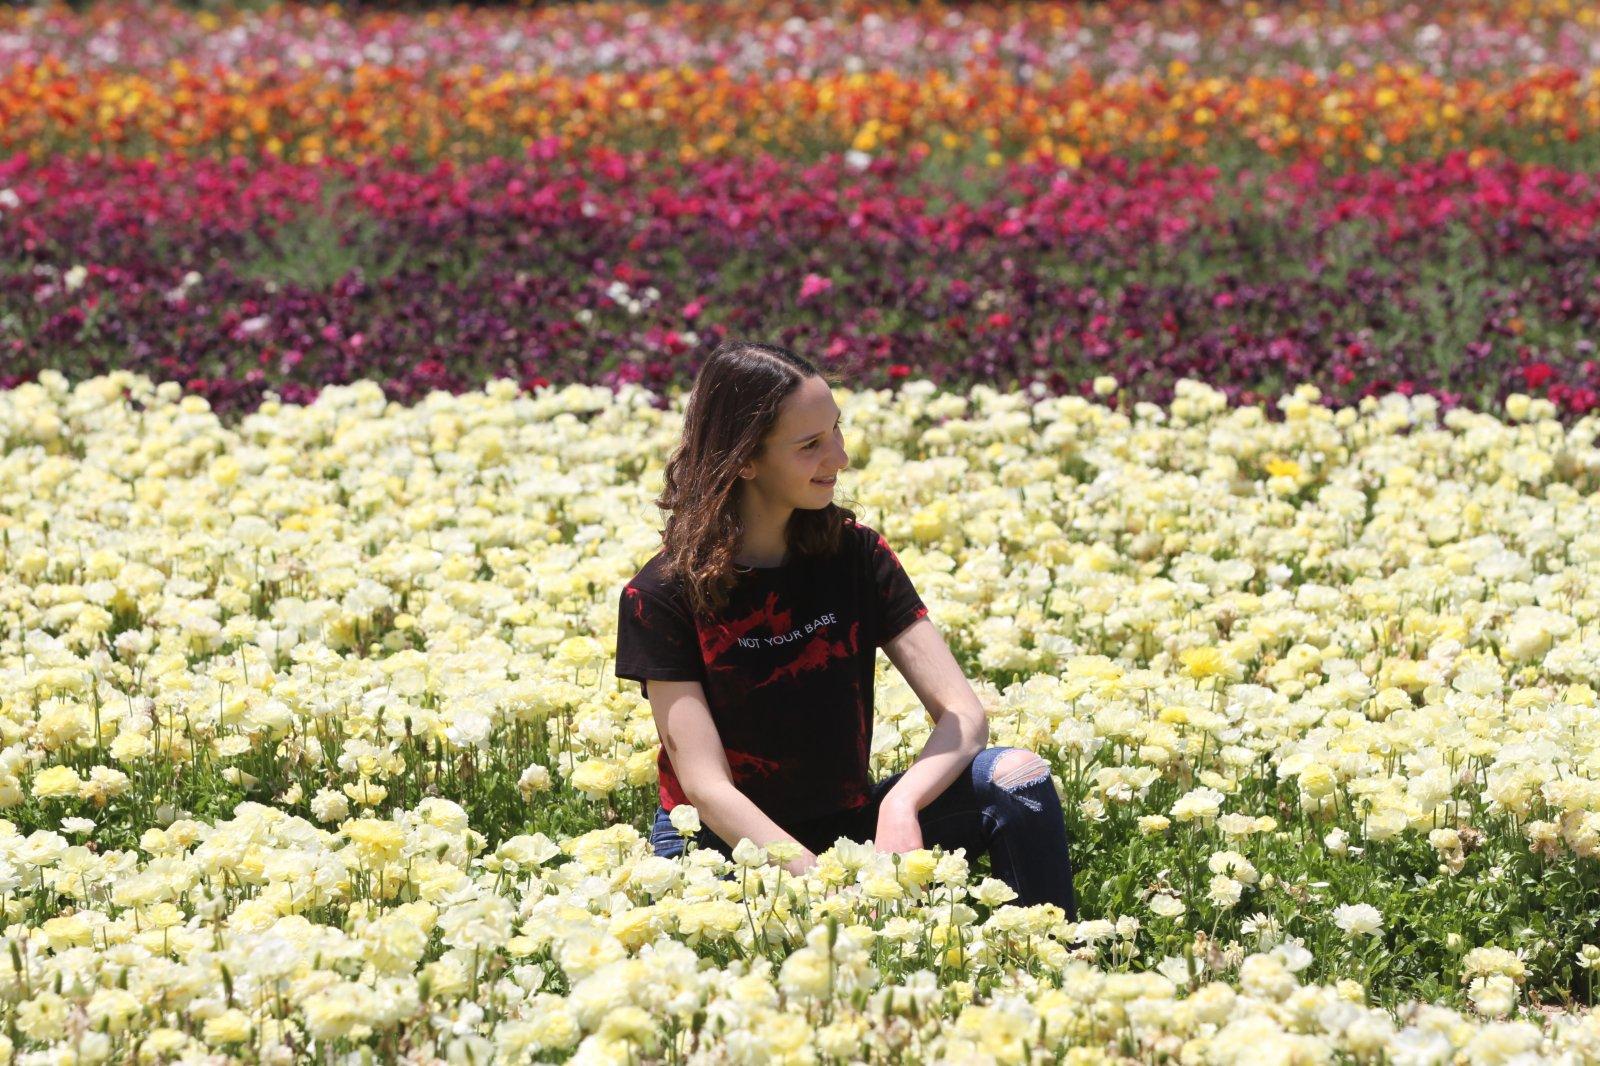 5月1日,在以色列南部的尼爾伊扎克集體農場,一名女孩在花田中留影。(新華社)